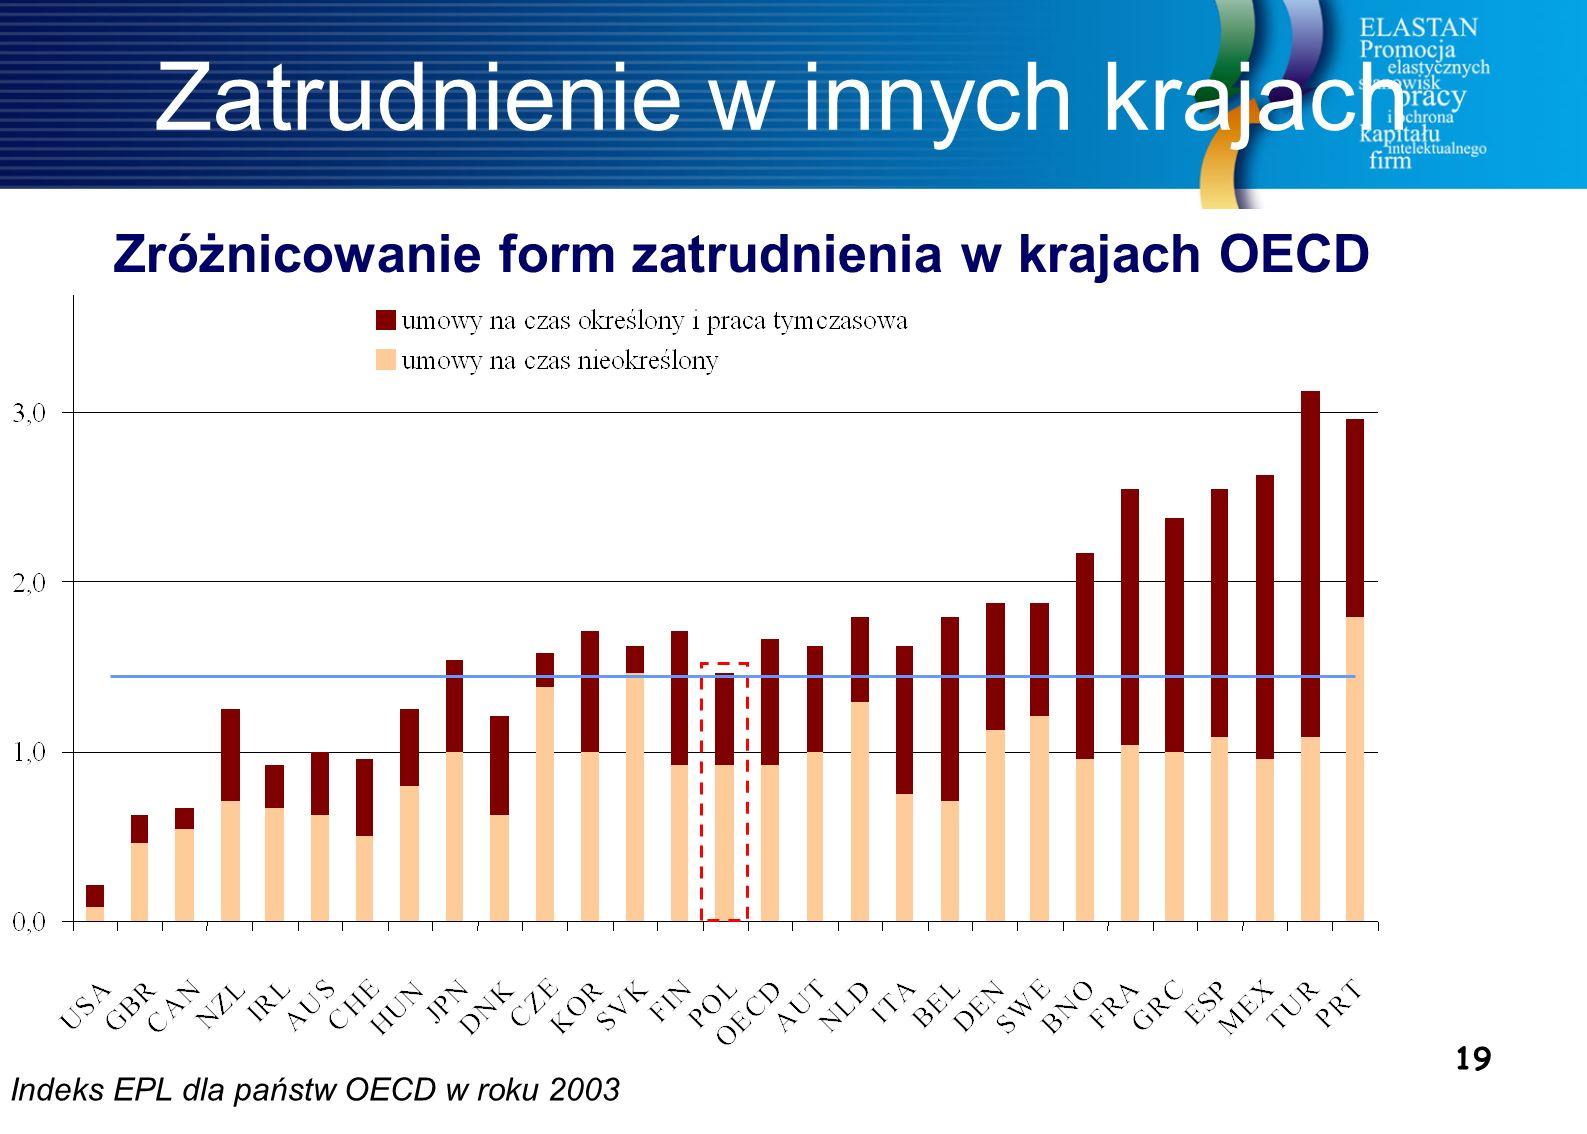 19 Indeks EPL dla państw OECD w roku 2003 Zatrudnienie w innych krajach Zróżnicowanie form zatrudnienia w krajach OECD